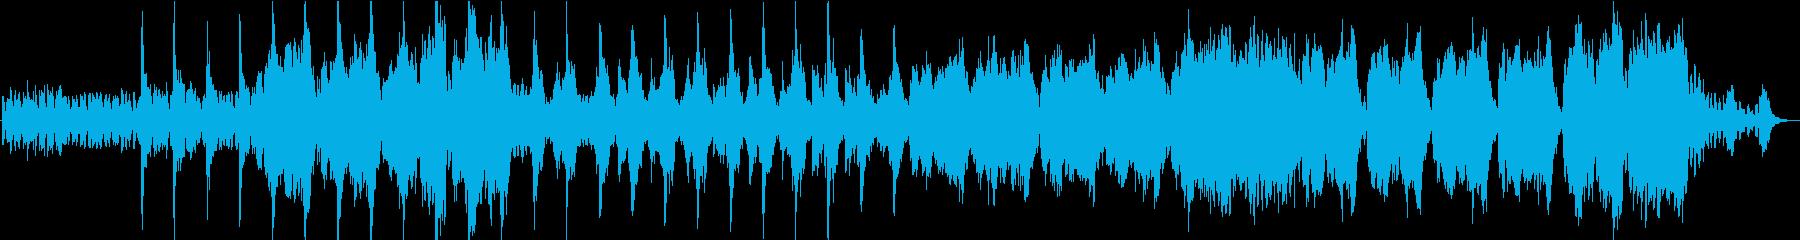 オーケストラと合唱団をフィーチャー...の再生済みの波形